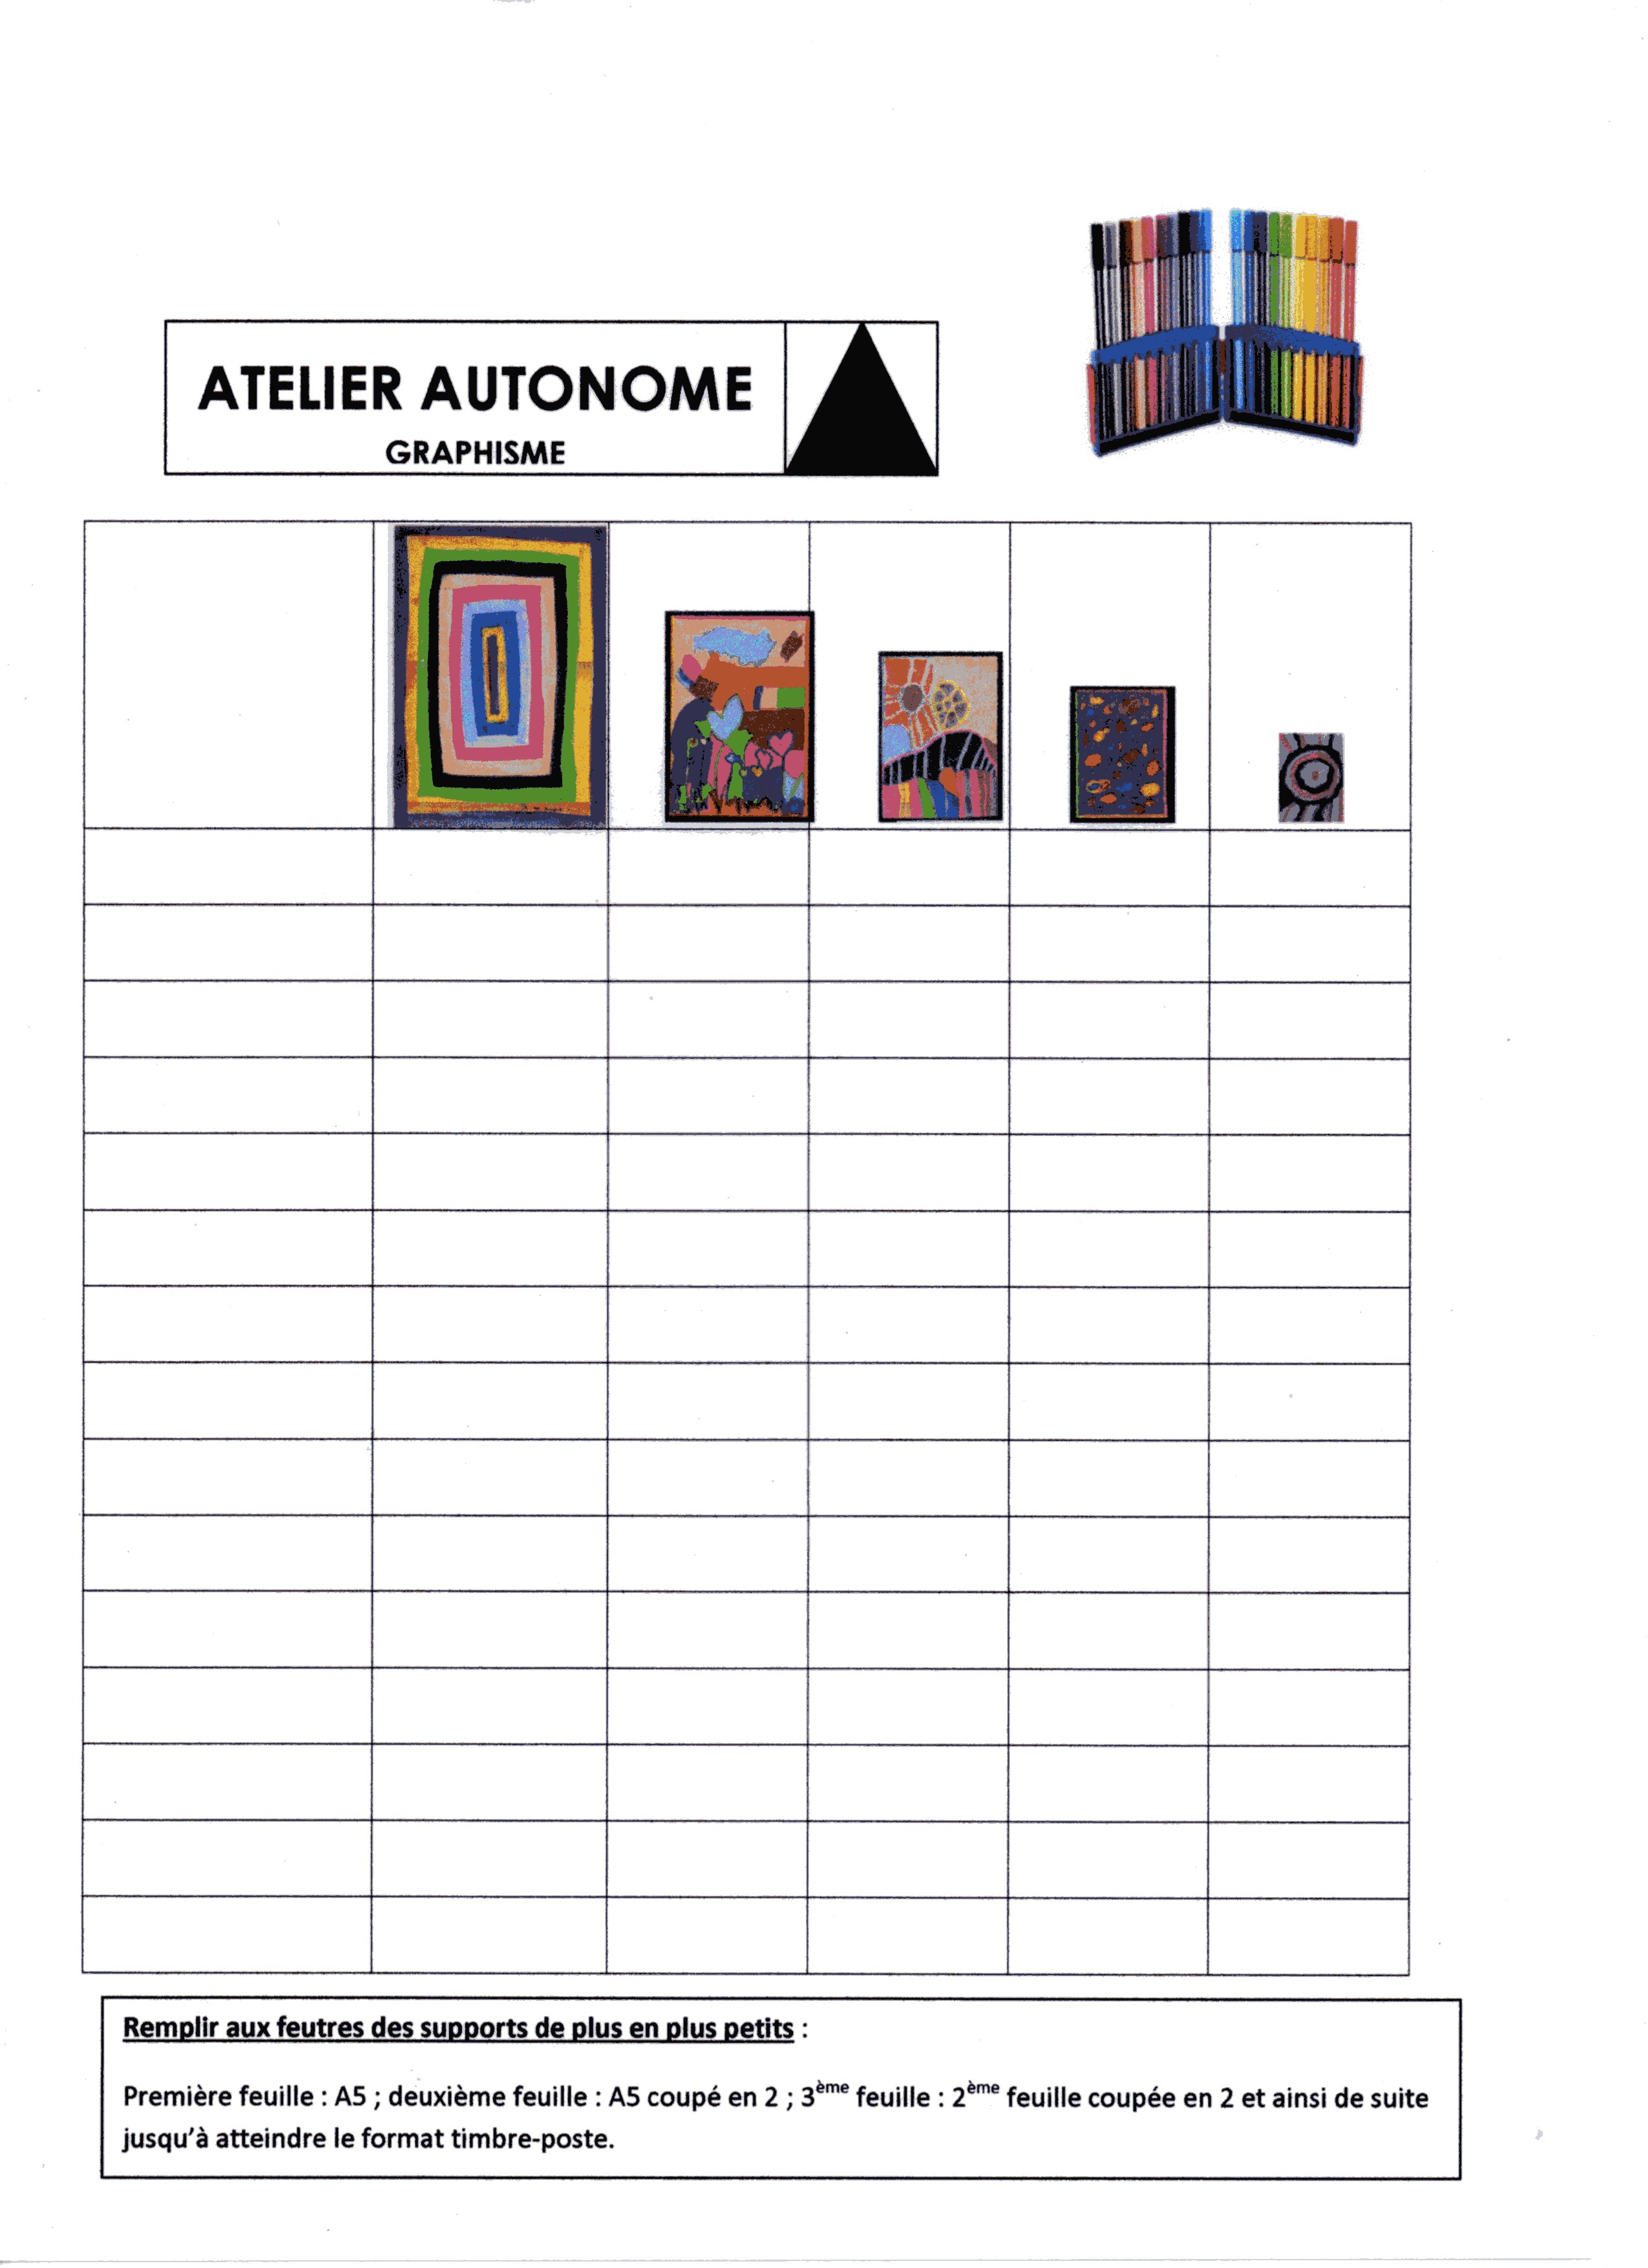 Ateliers Autonomes Graphisme - École Maternelle Gellow encequiconcerne Atelier Autonome Grande Section